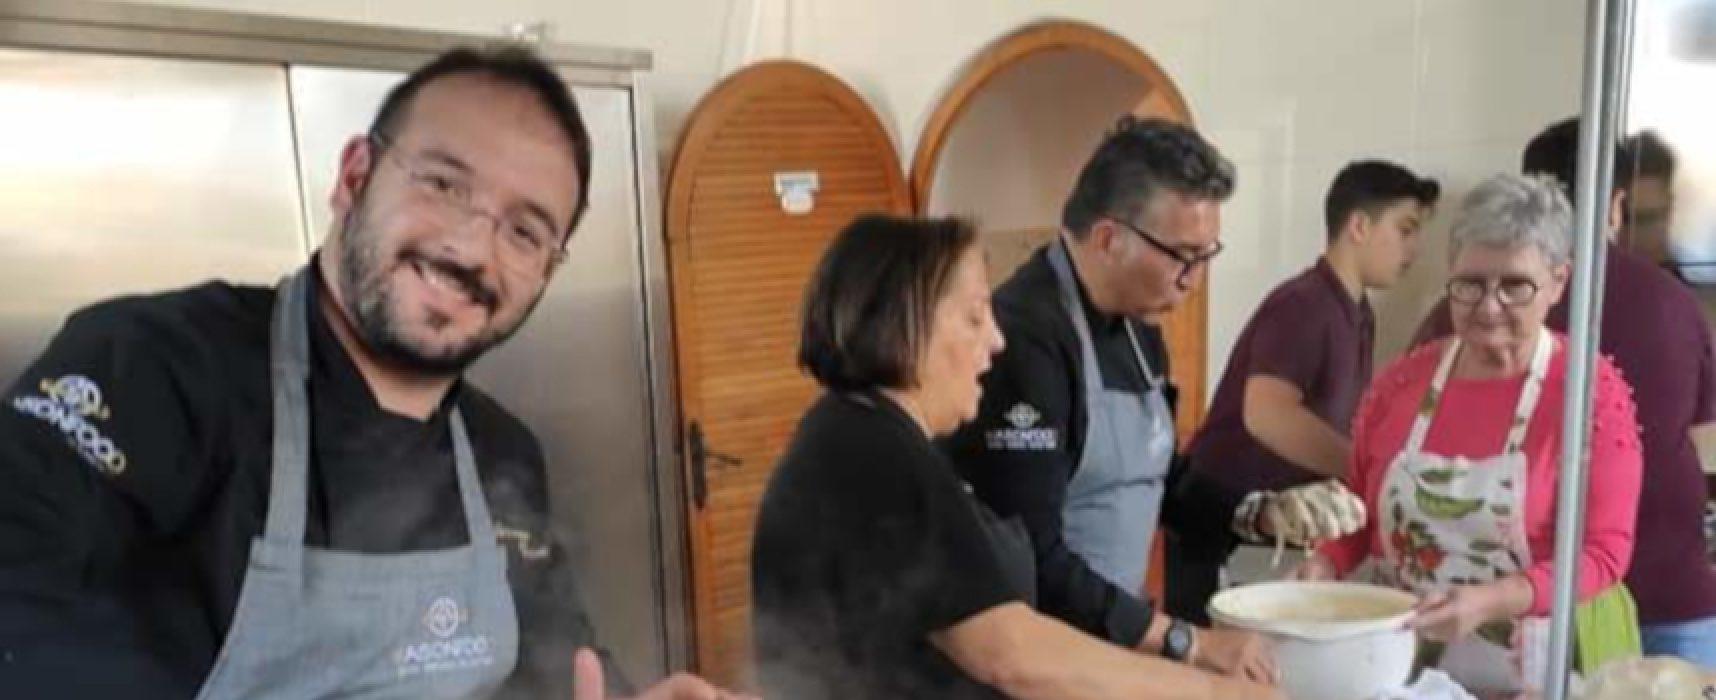 Studenti russi a scuola di cucina pugliese con gli chef biscegliesi Frizzale e Papagni / FOTO